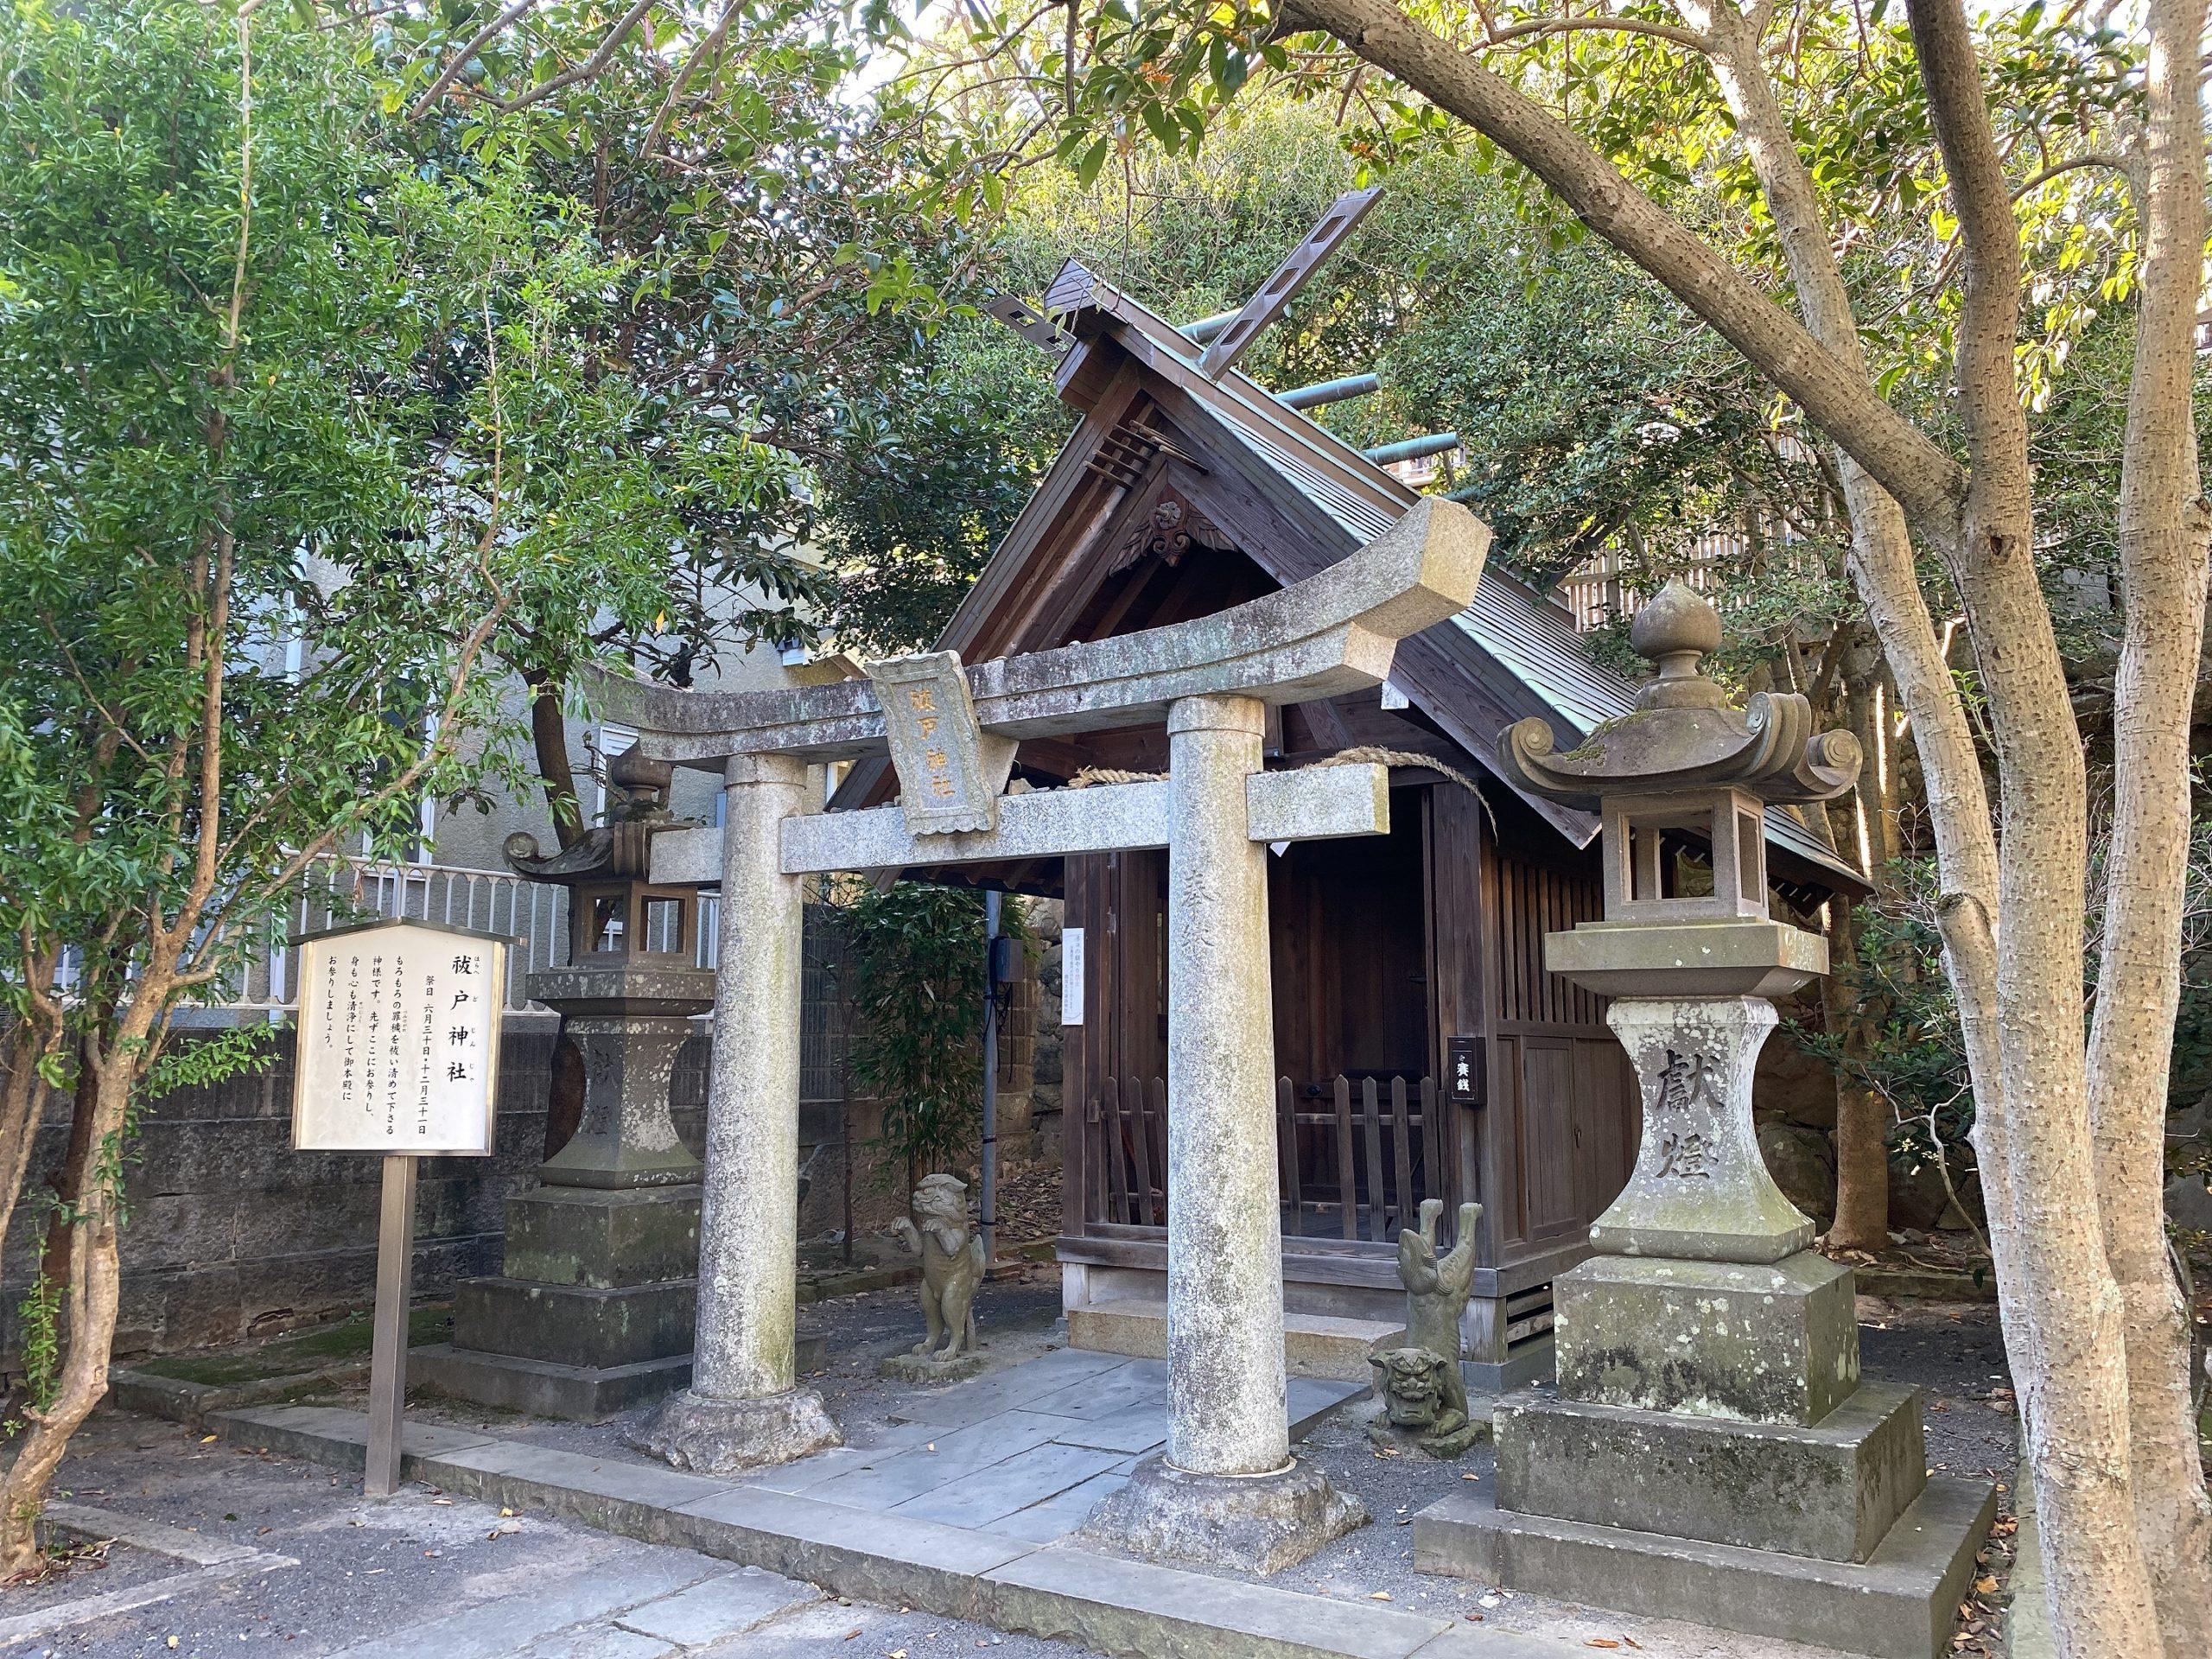 諏訪神社の祓戸神社